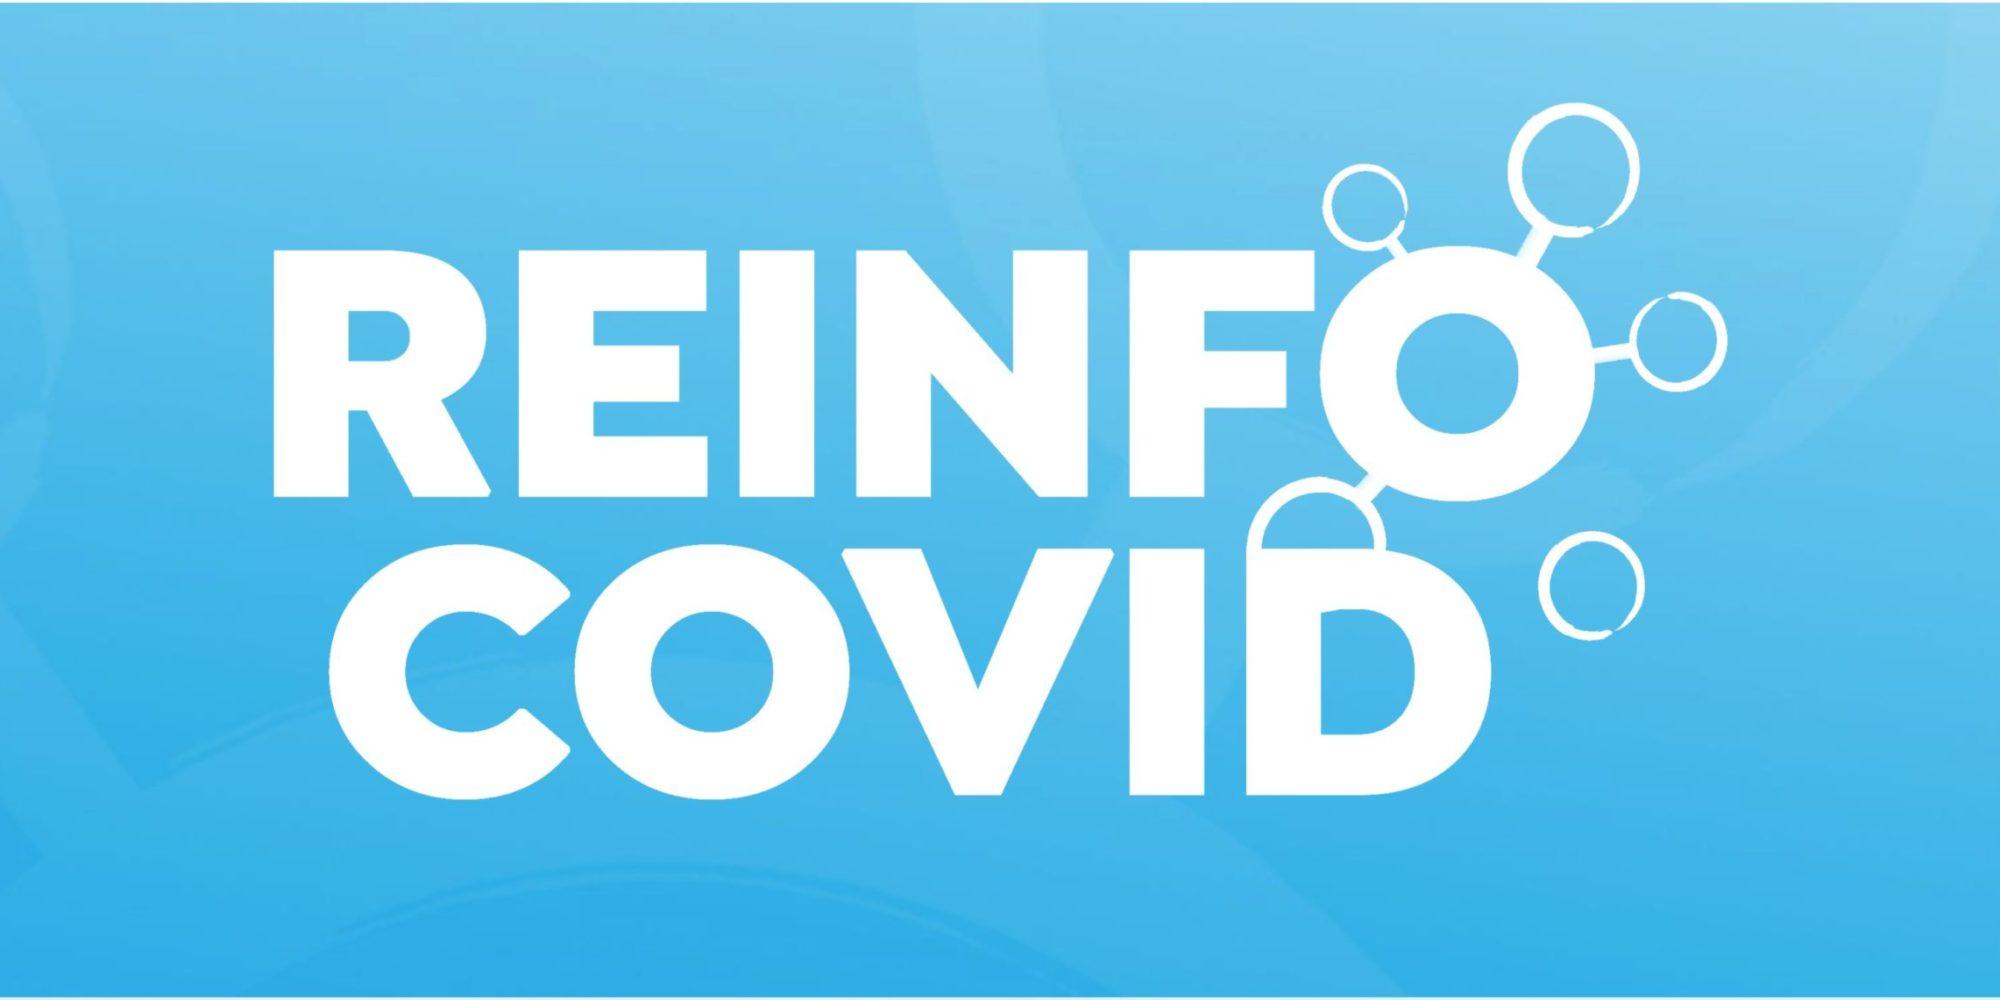 reinfocovid-logo-detoure-rogne